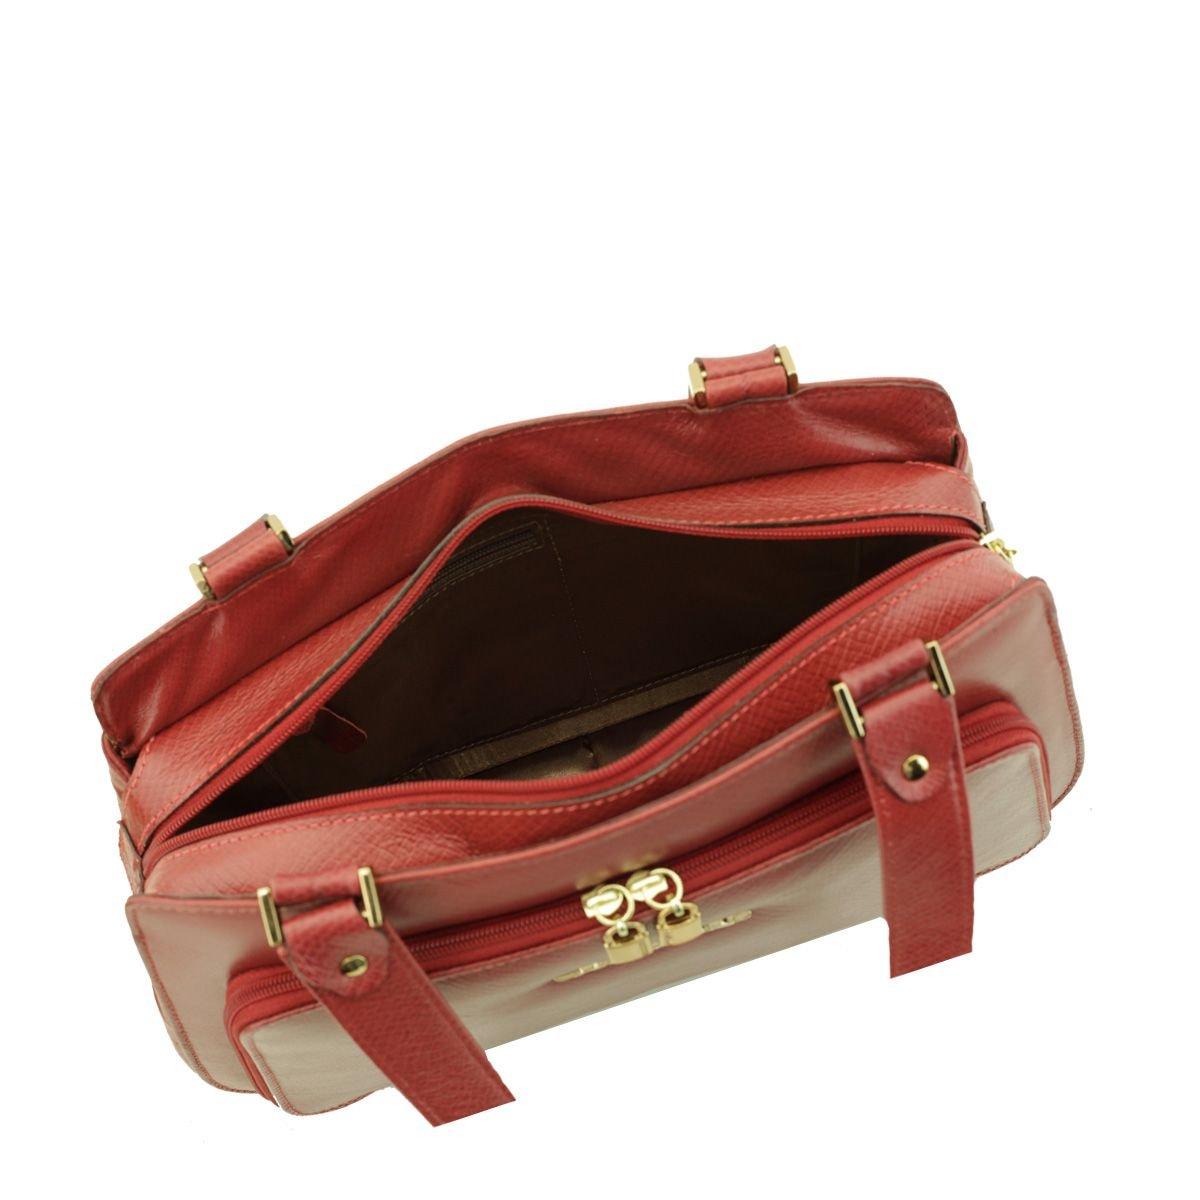 Bolsa Estruturada de Couro Vermelha